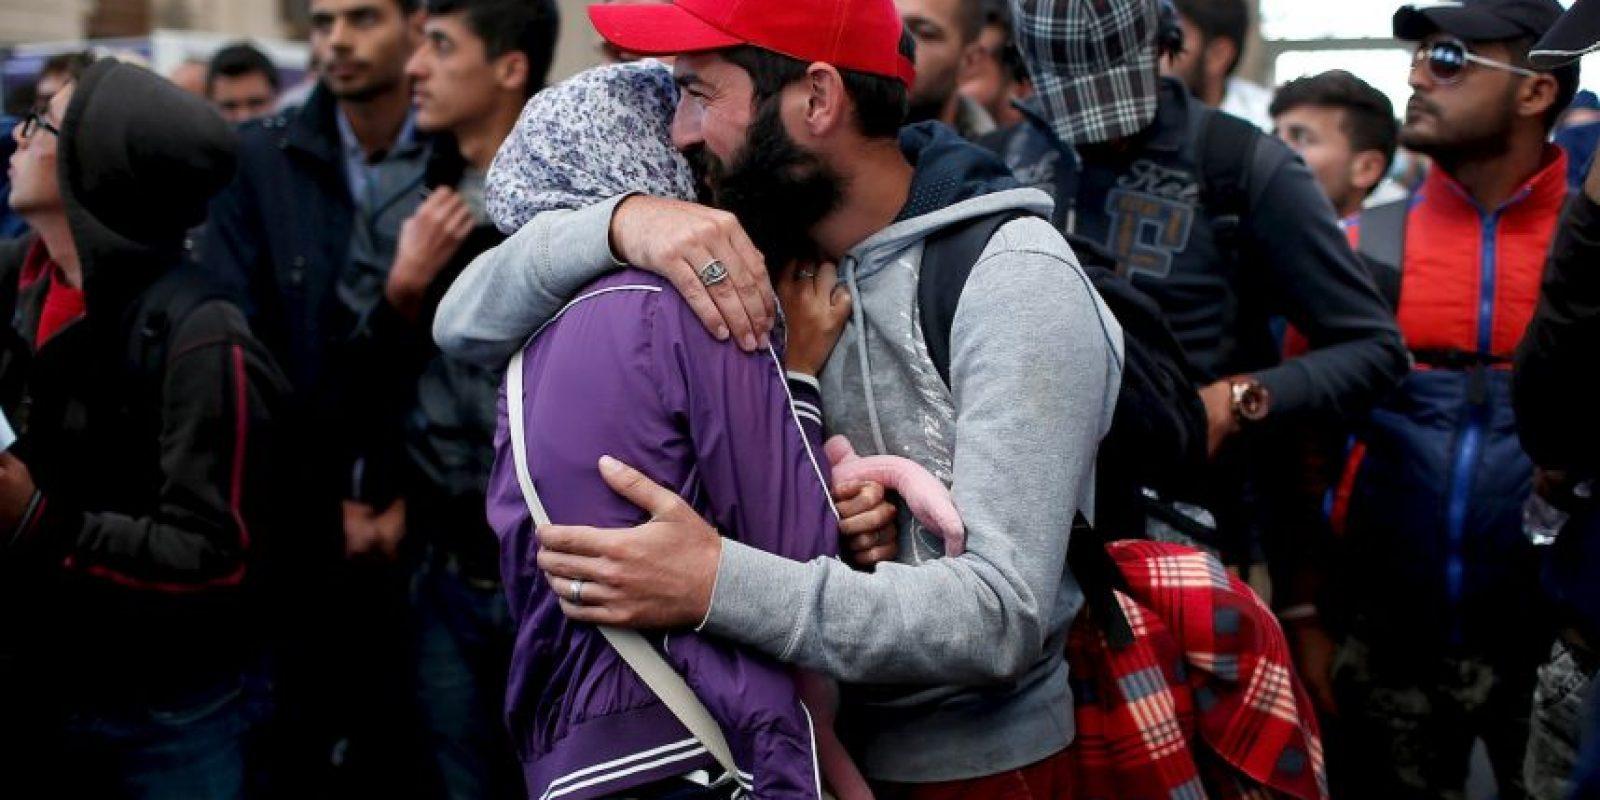 Sin embargo, son miles de historias las que se viven en las peligrosas aguas del Mediterráneo y otros trayectos que los migrantes atraviesan. Foto:Getty Images